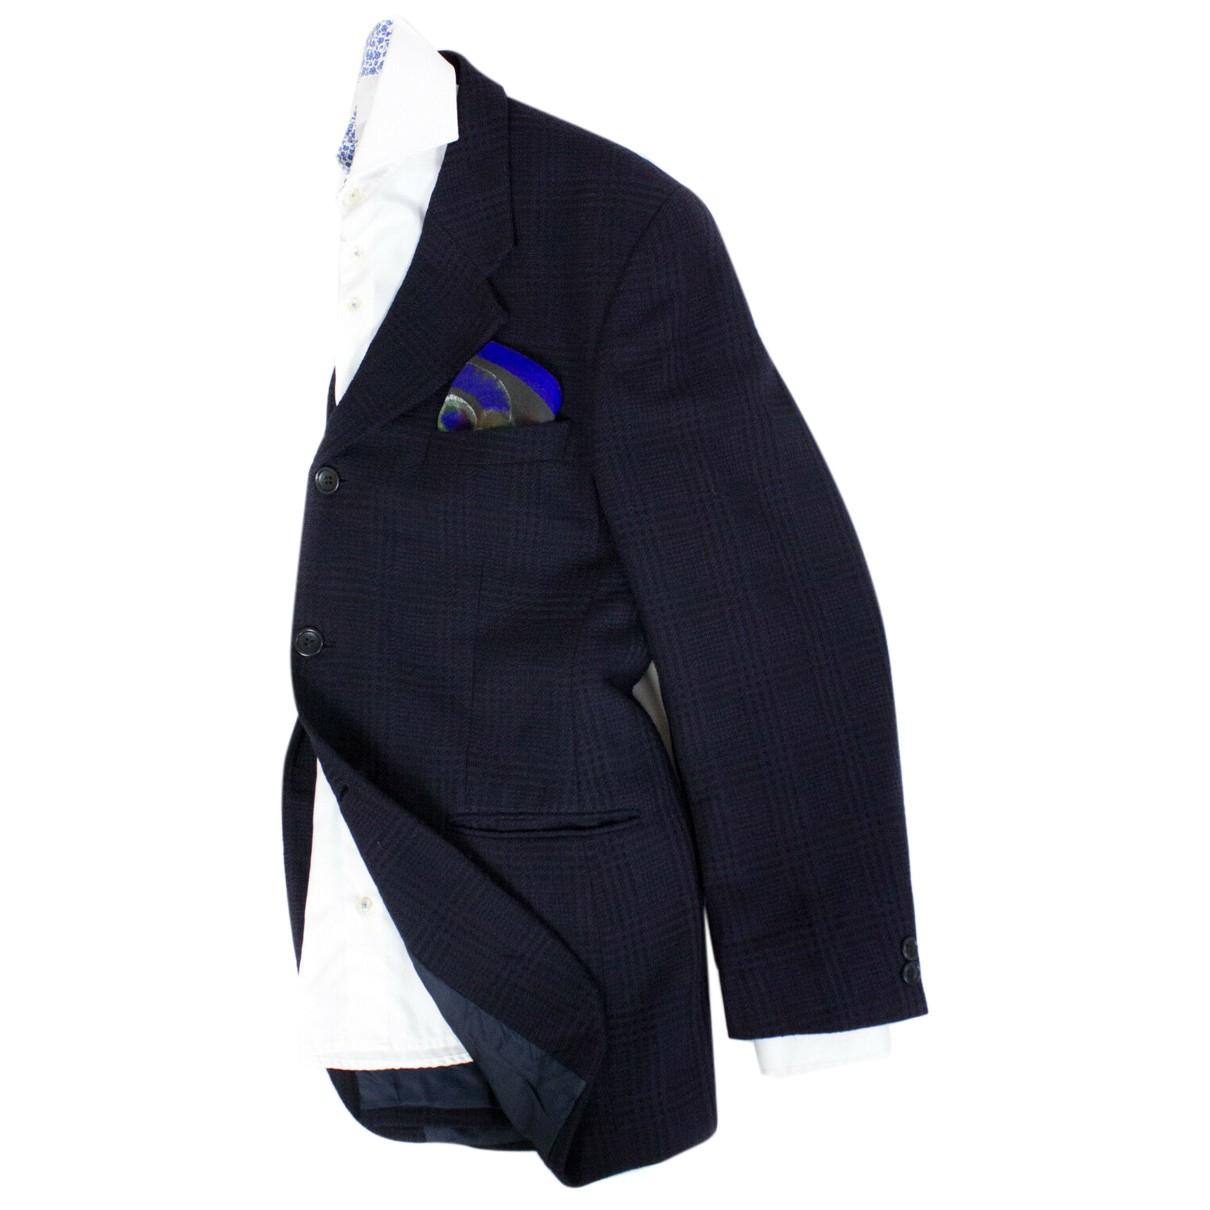 Kenzo - Costumes   pour homme en laine - bleu